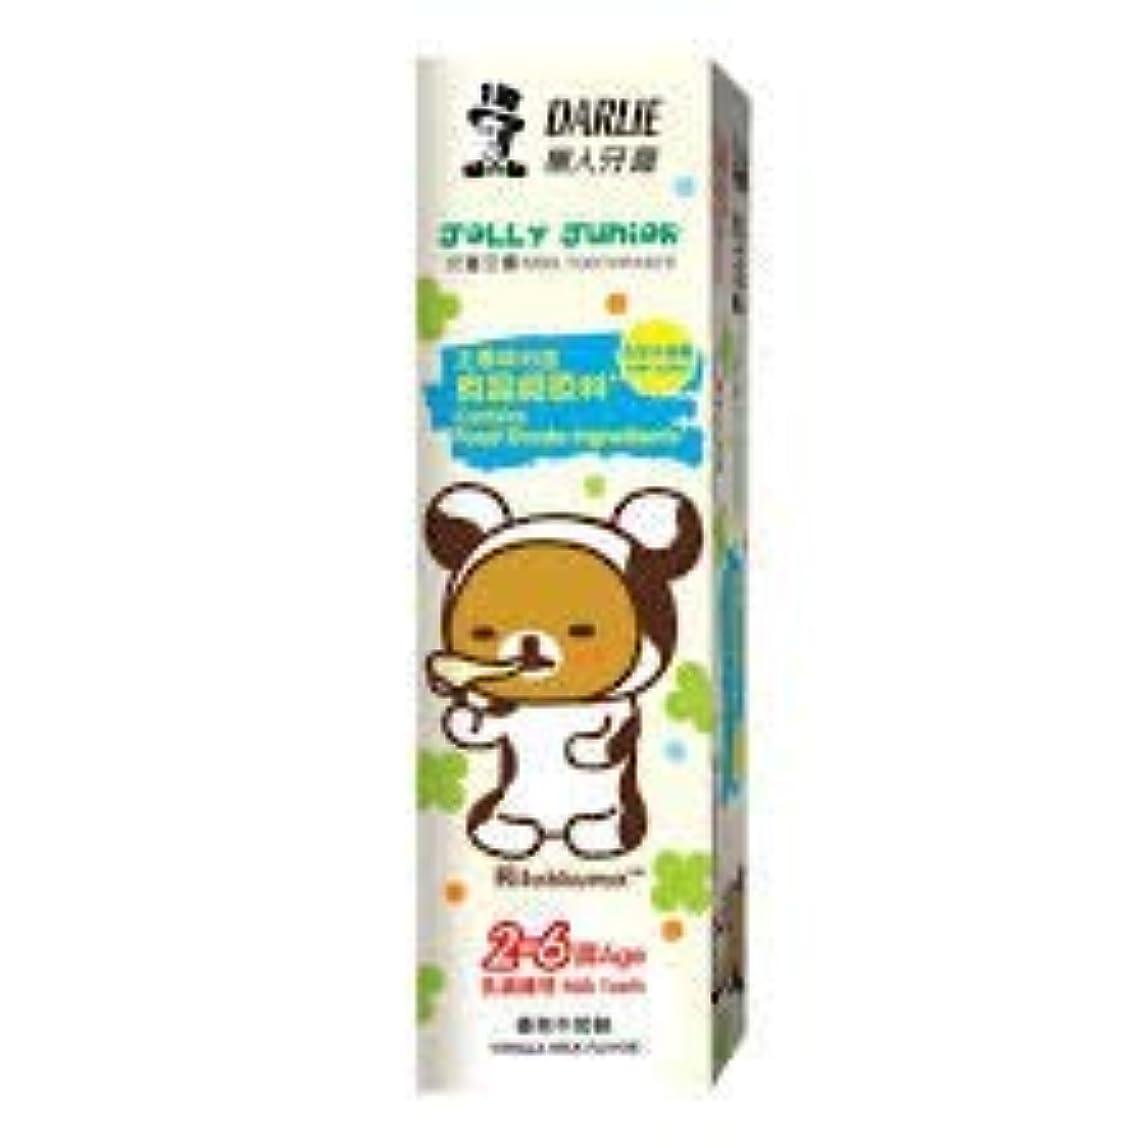 初期の一定抜け目のないDARLIE ハッピーティーンエイジャーの歯磨き粉2-6歳歯磨き粉60グラムバニラミルクは - 虫歯を防ぐためにキシリトールを含む、ミルクの歯と準備して子供たちに仕出し料理されます